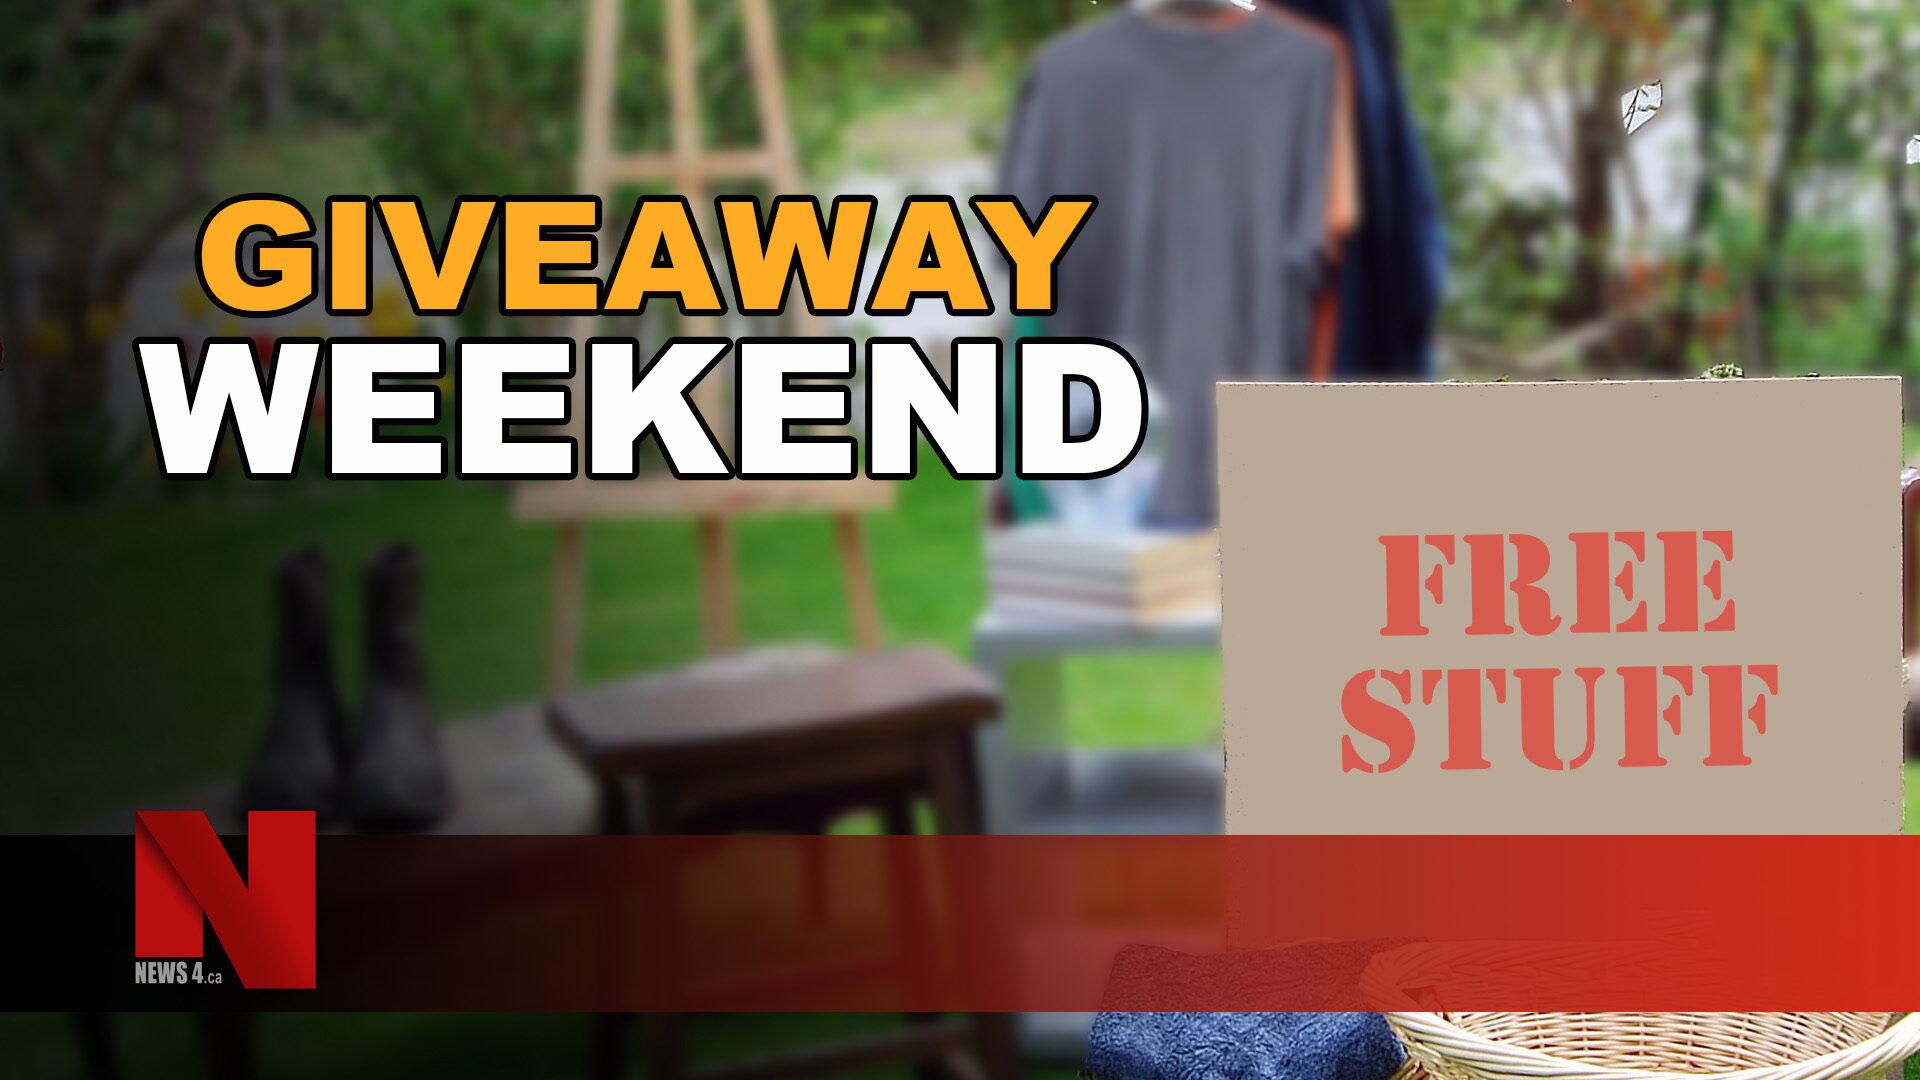 giveaway weekend